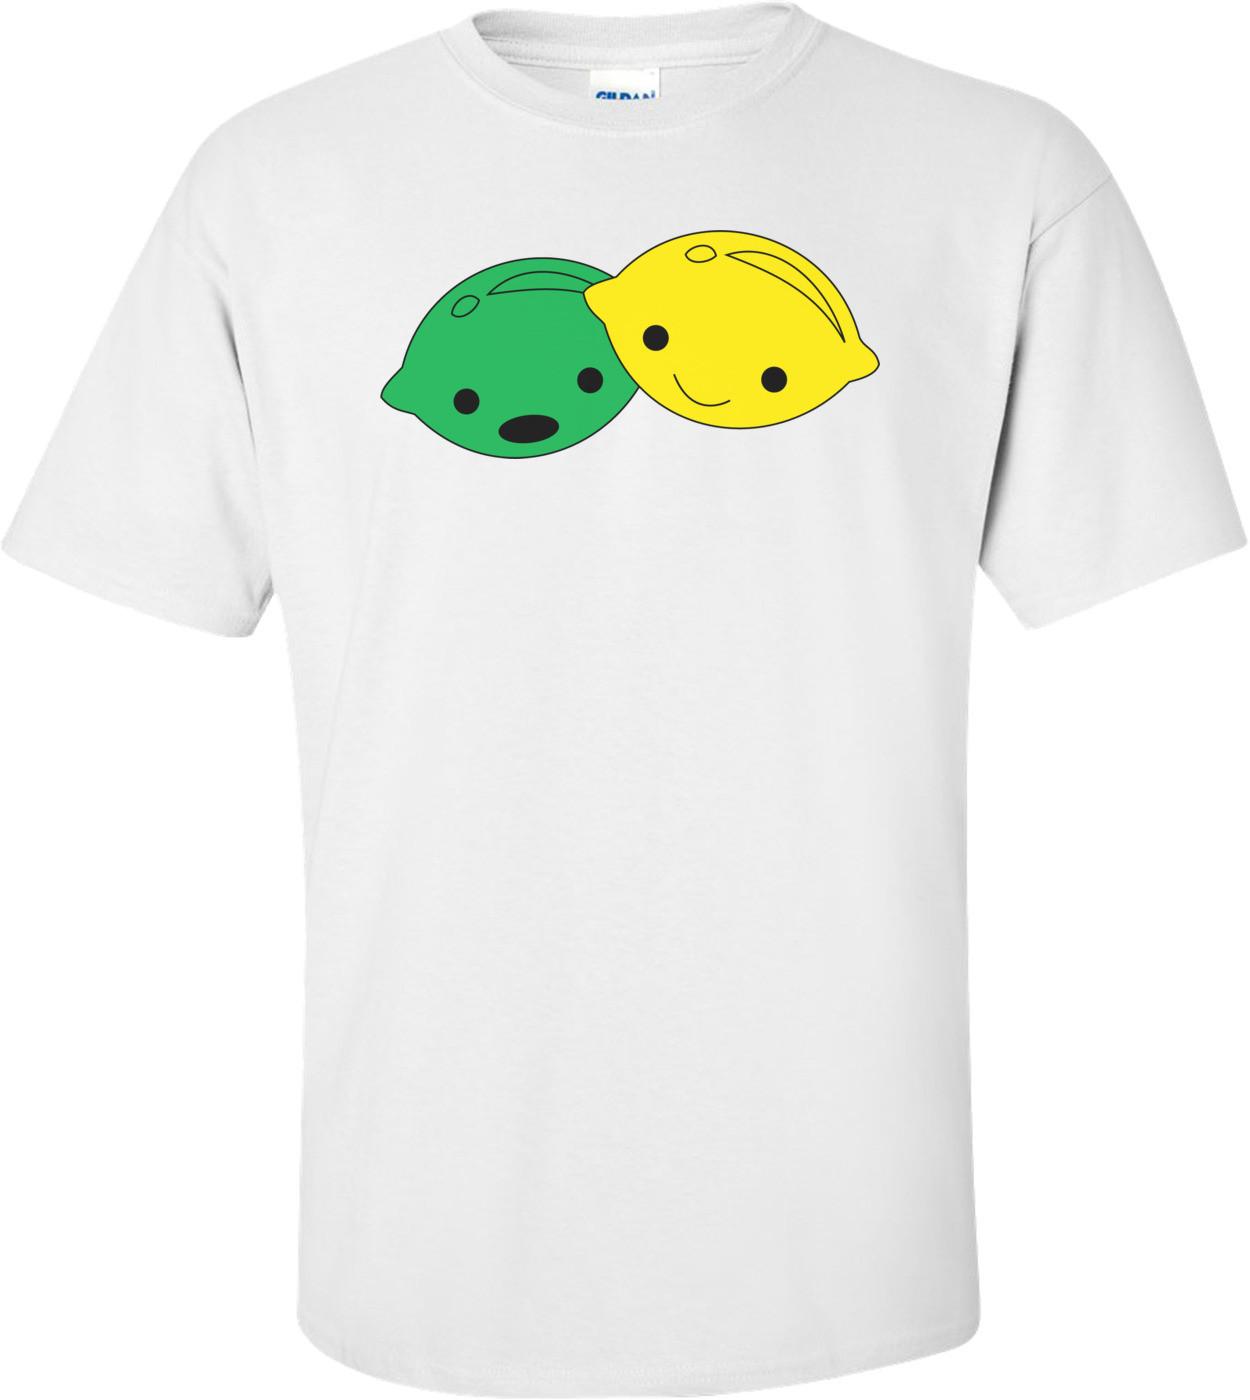 Lemon Lime Funny Shirt